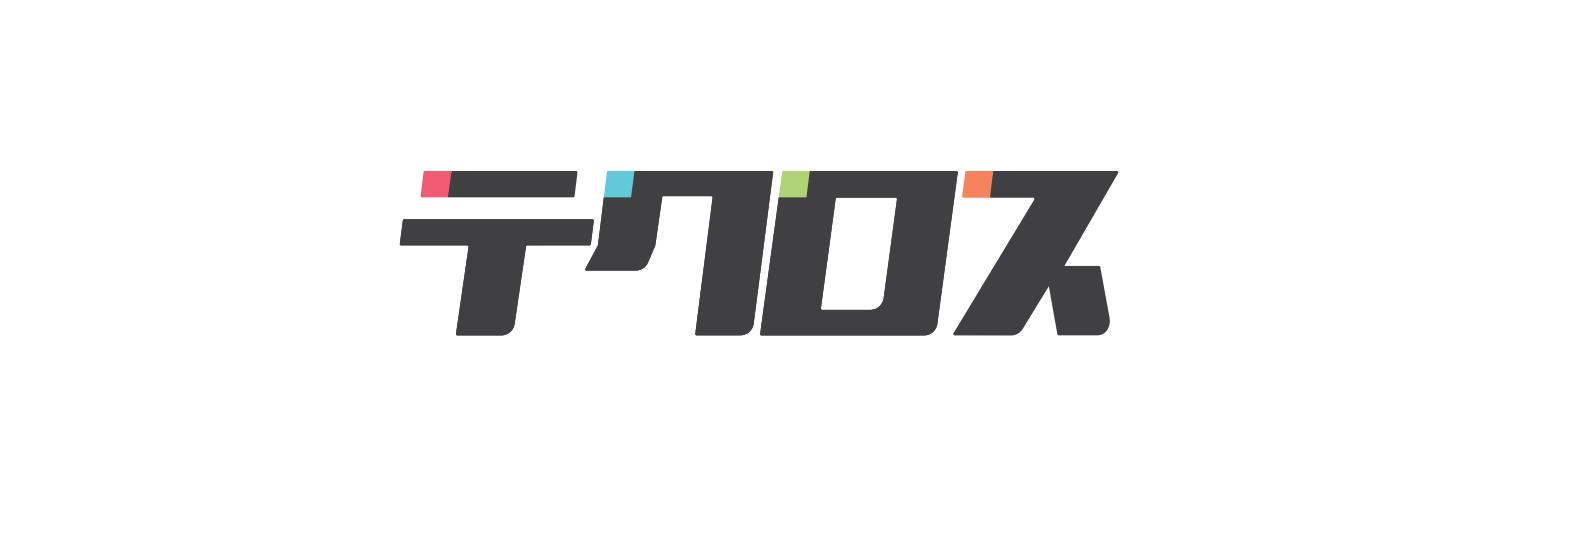 株式会社テクロス ロゴ